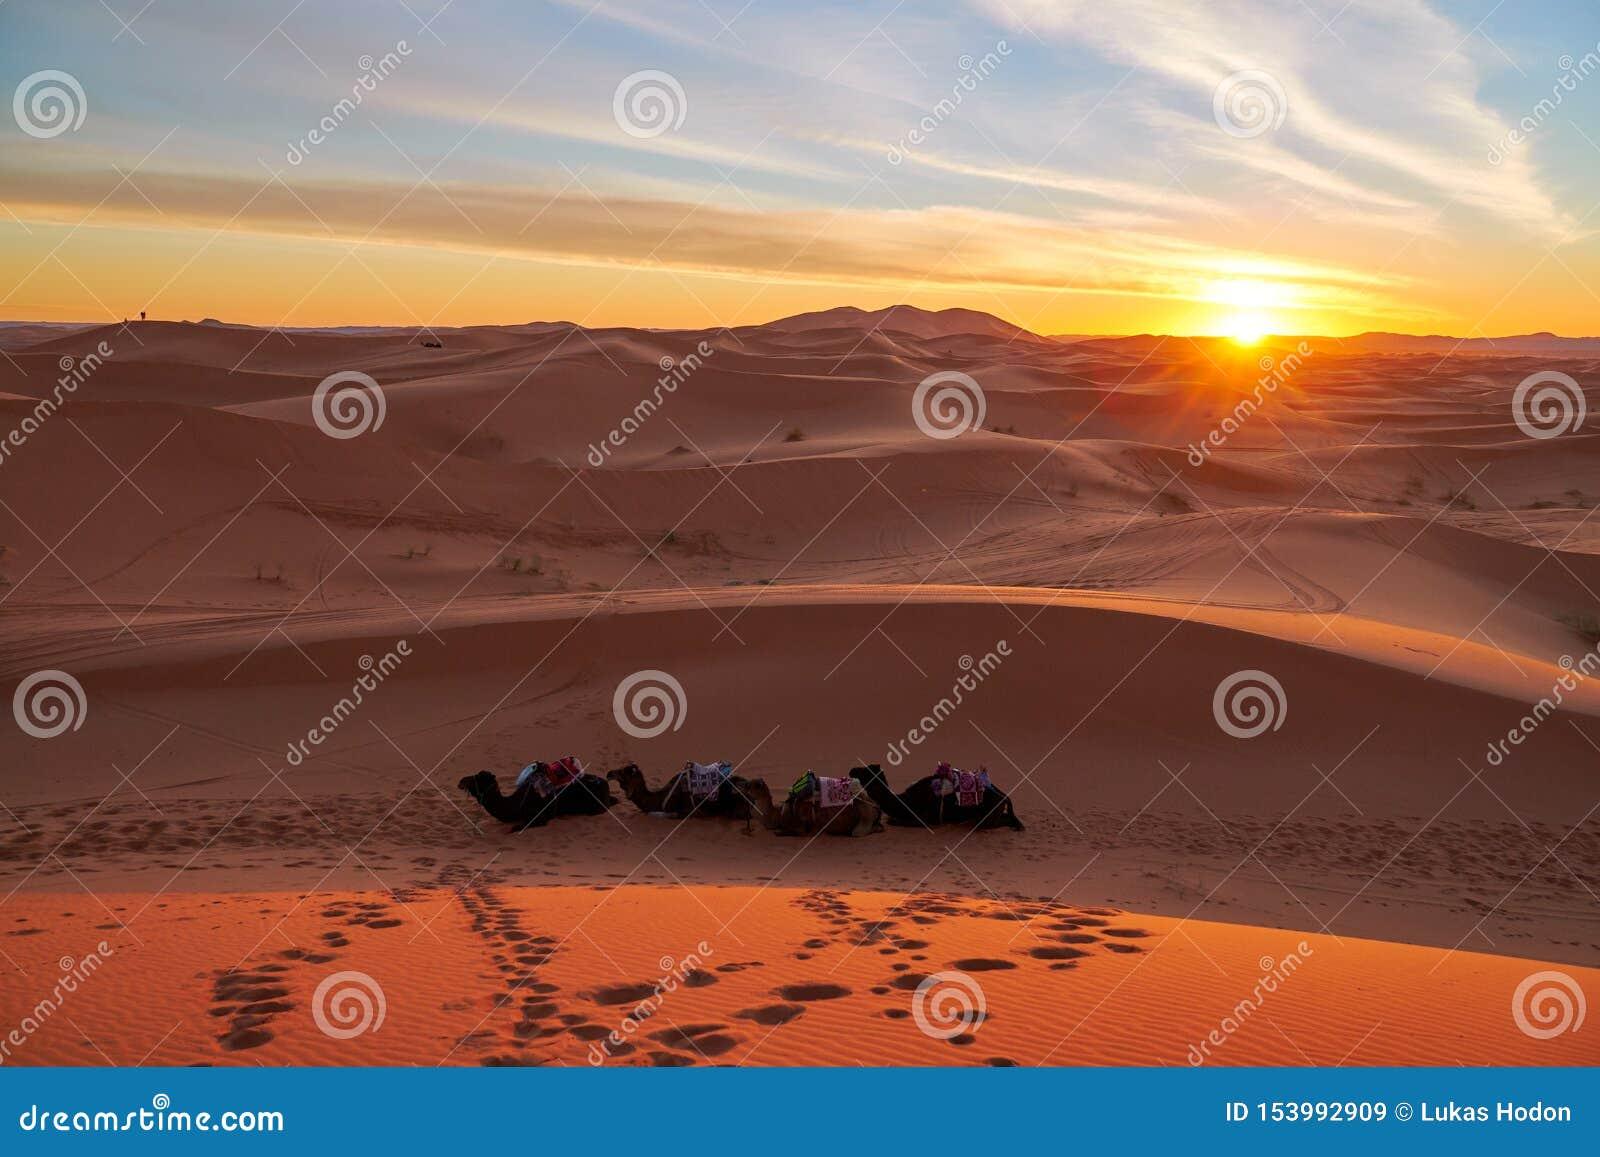 Tramonto nel deserto con i cammelli